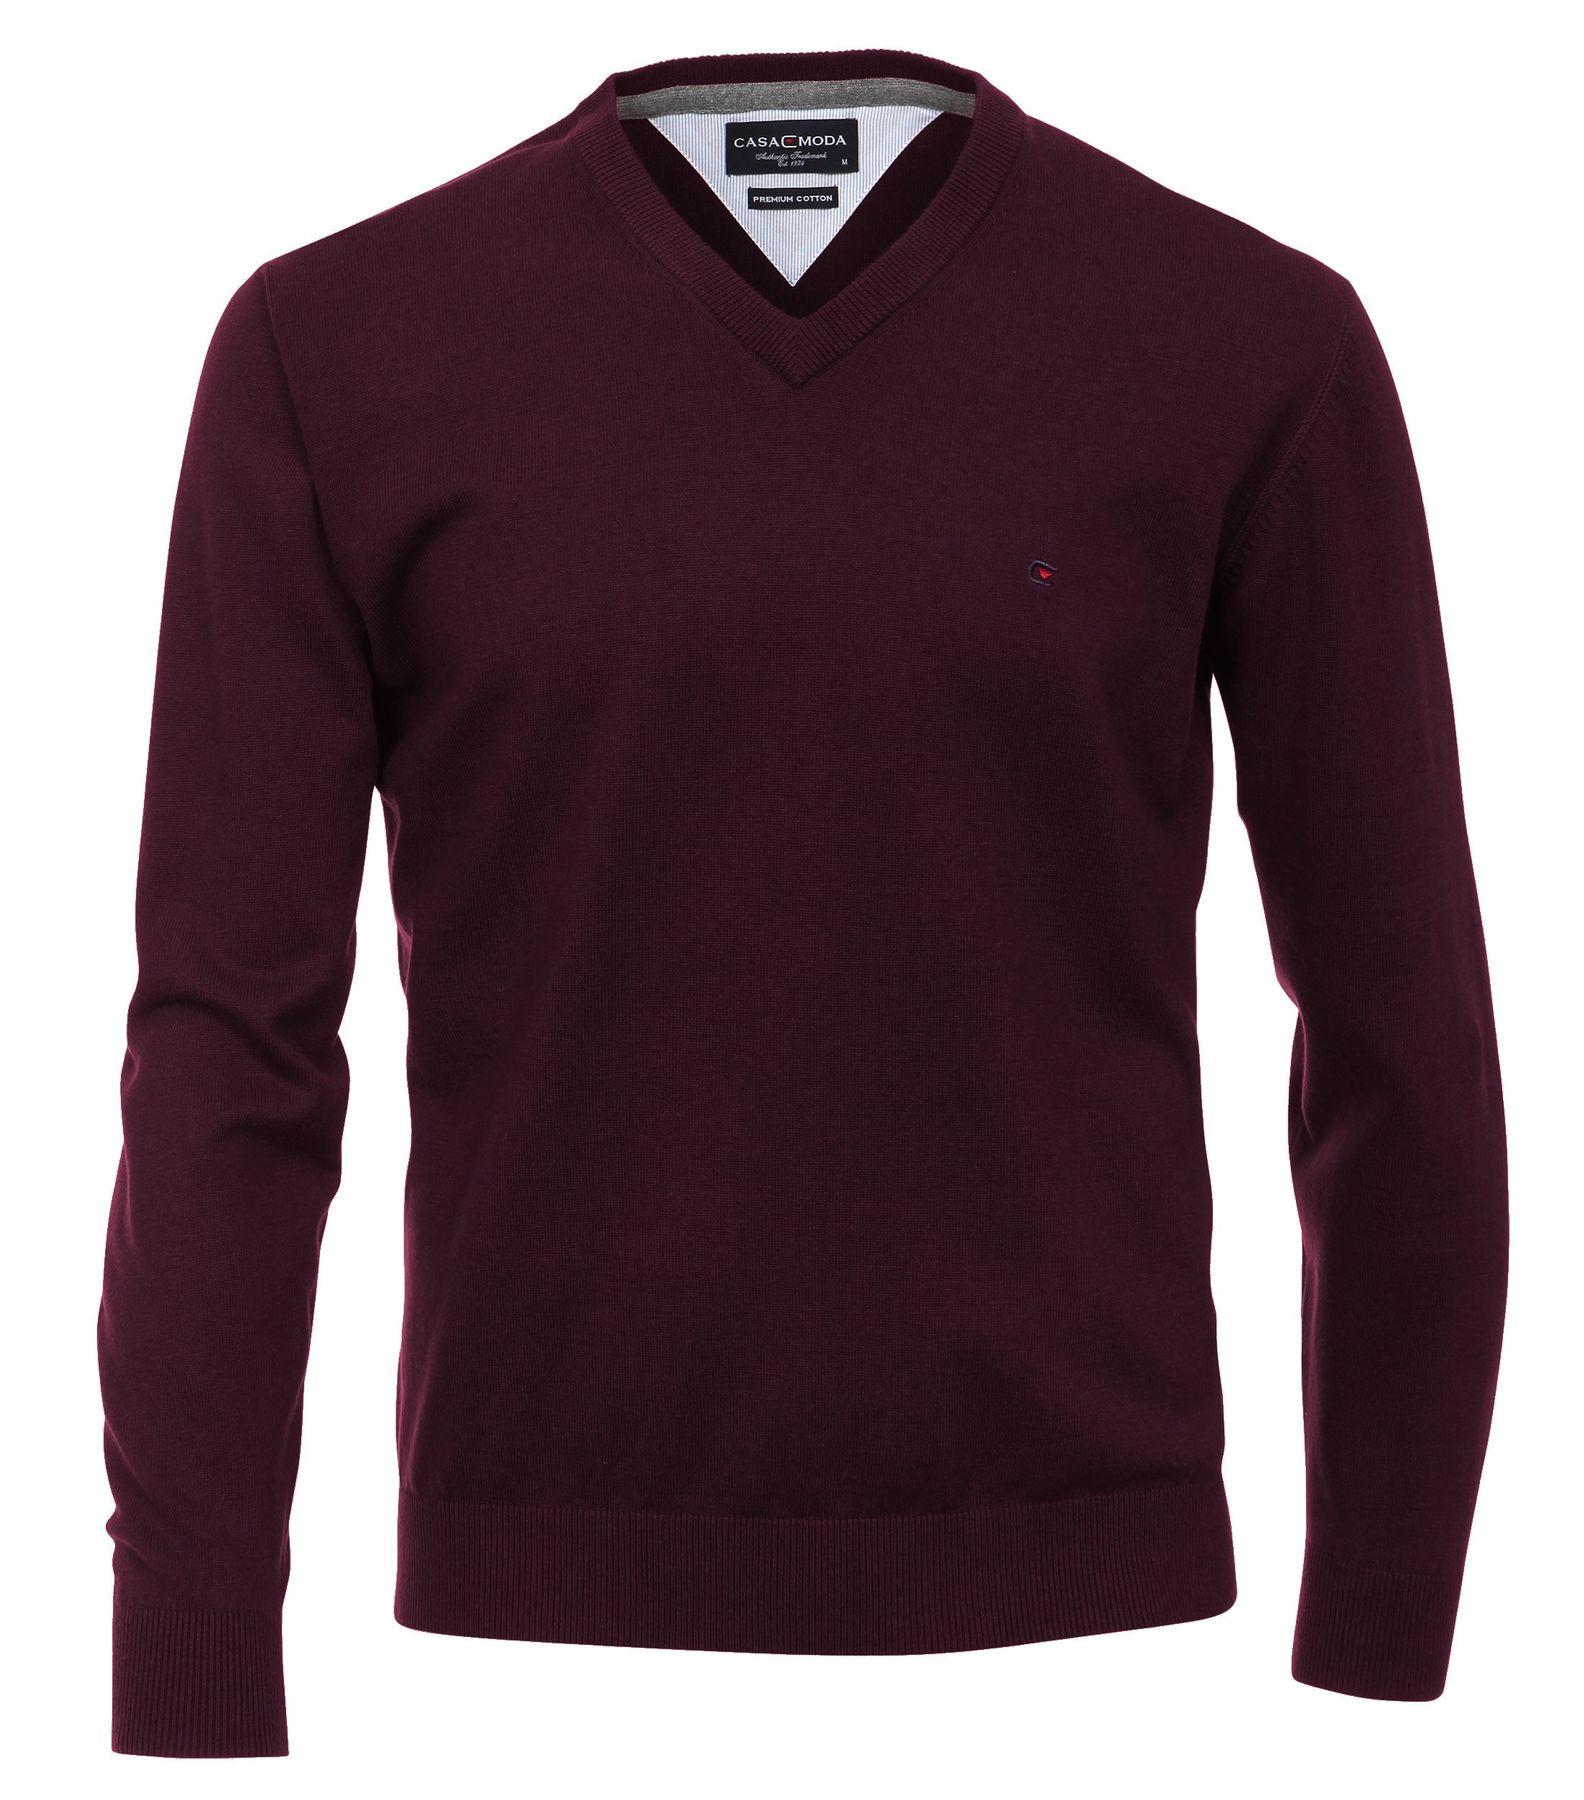 Casa Moda - Herren Pullover mit V-Ausschnitt in verschiedenen Farben (004130A) – Bild 5